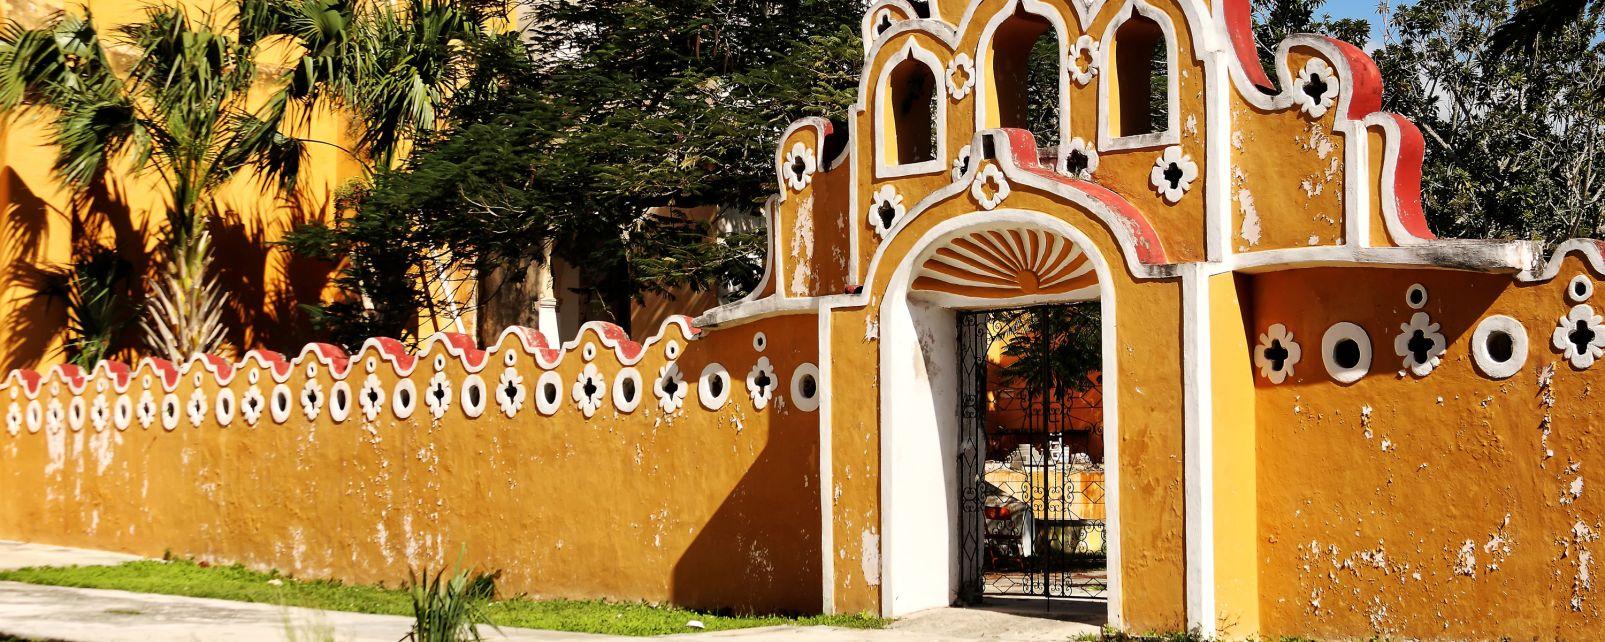 Les sites, Cuilapam, mexique, oaxaca, monastère, religion, église, catholique, culte, renaissance, quintana roo